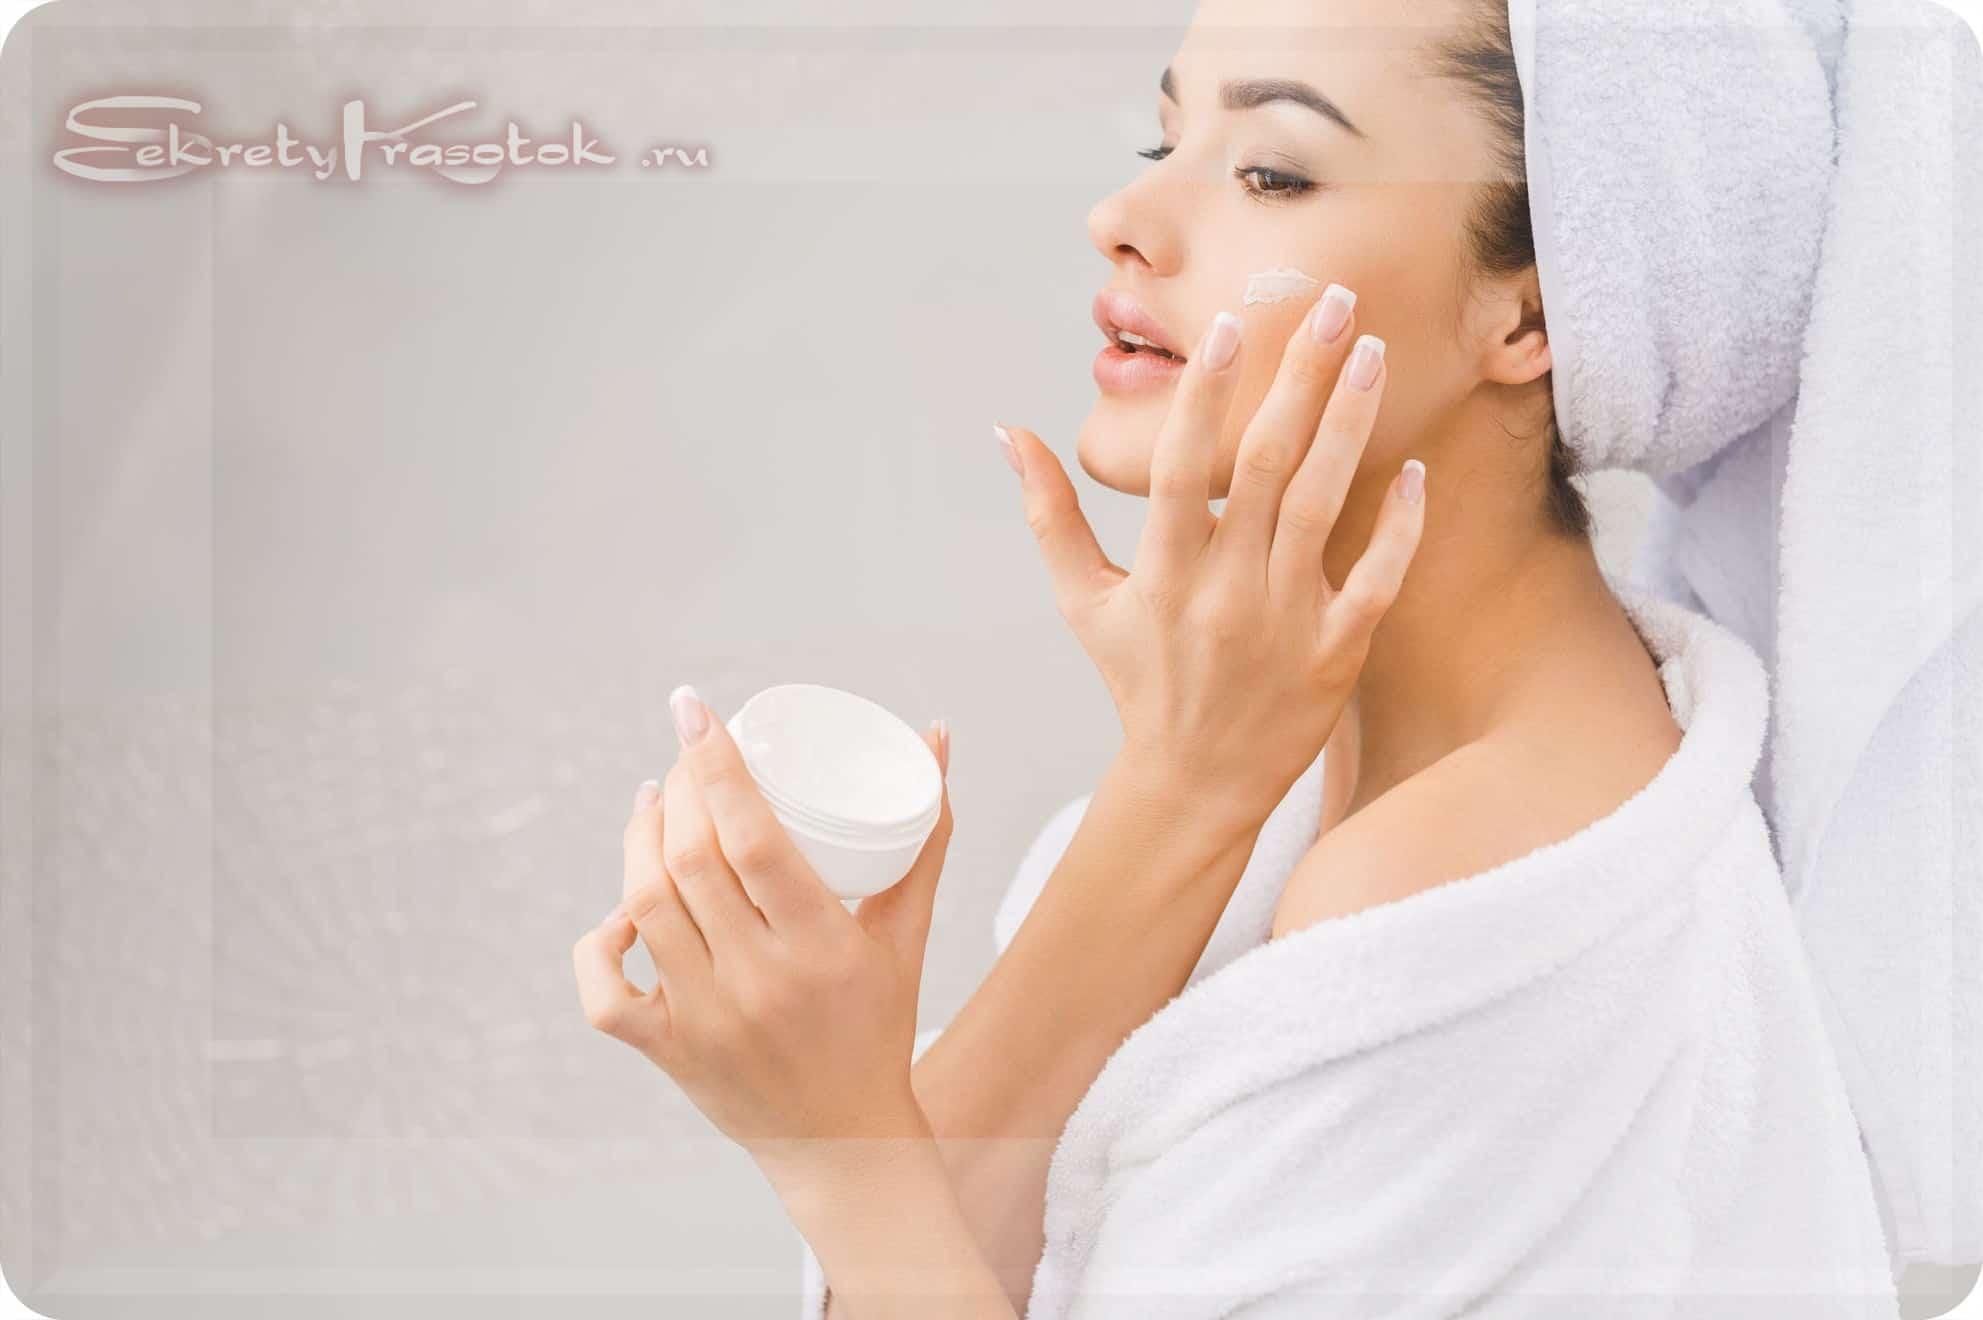 кремы и мази для восстановления кожи после пилинга